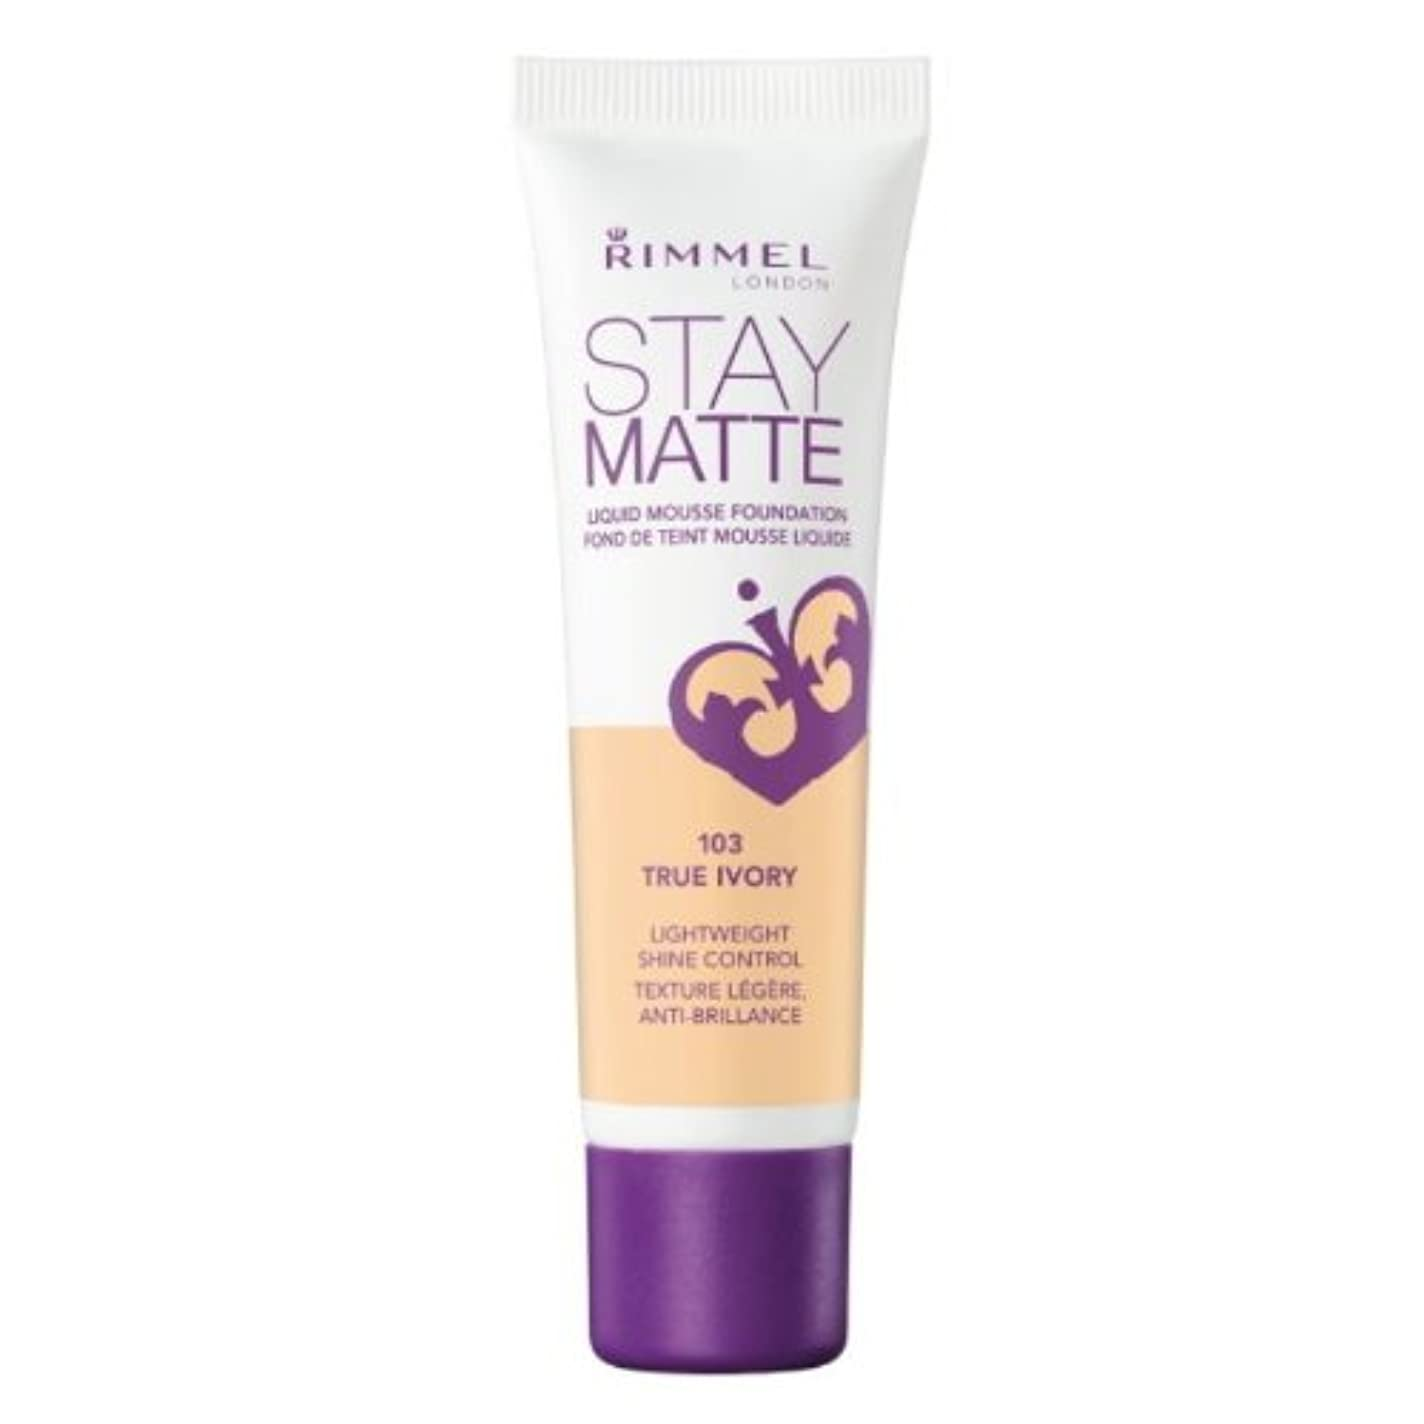 じゃがいも上昇語RIMMEL LONDON Stay Matte Liquid Mousse Foundation - True Ivory (並行輸入品)